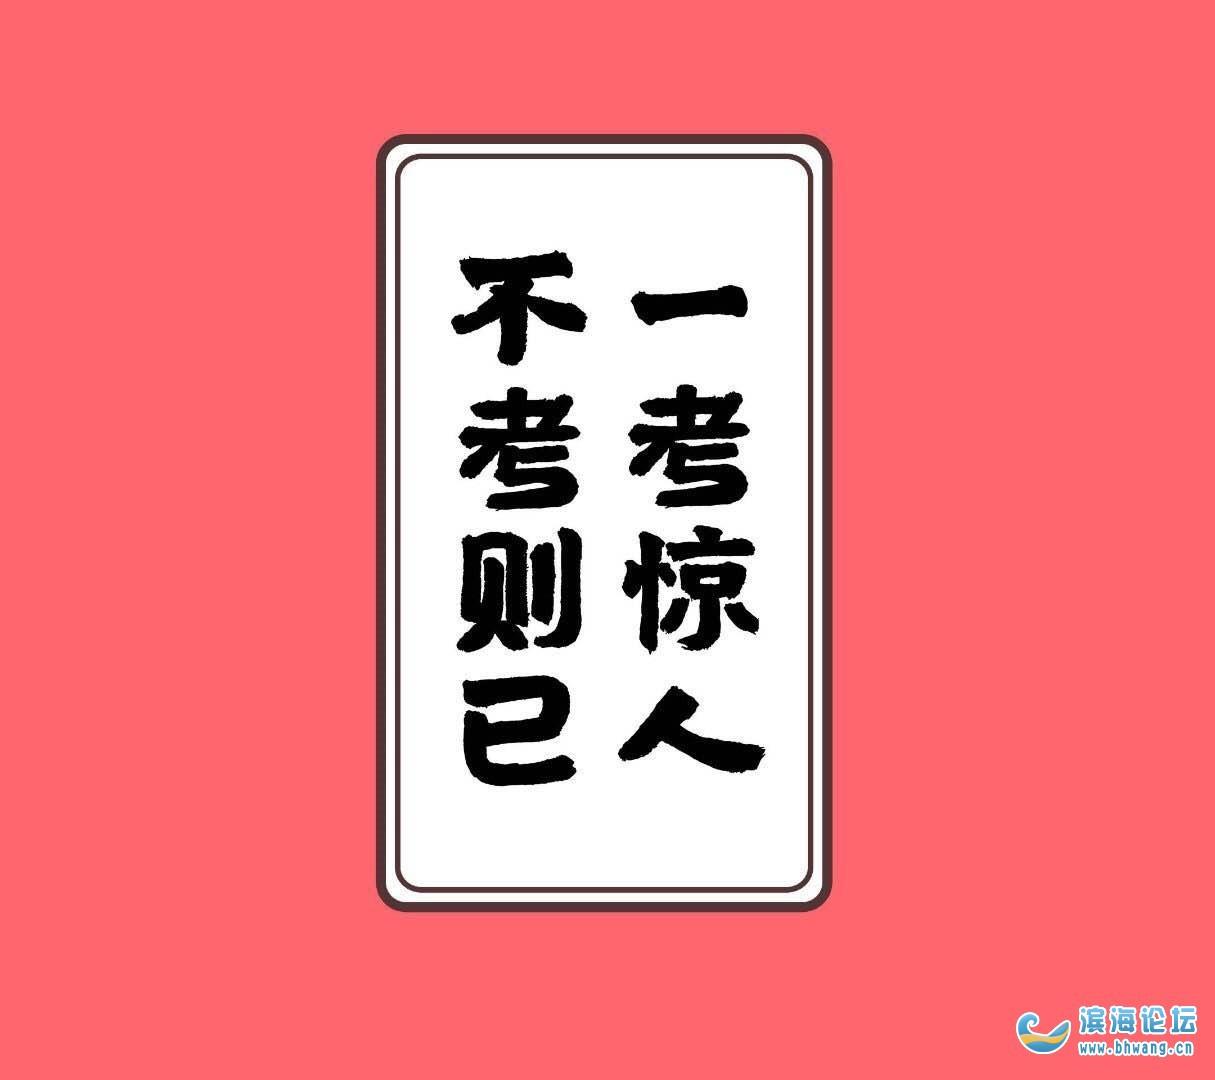 倡議書丨請為濱海高考學子備考期間降噪靜音!我轉發,我接力!